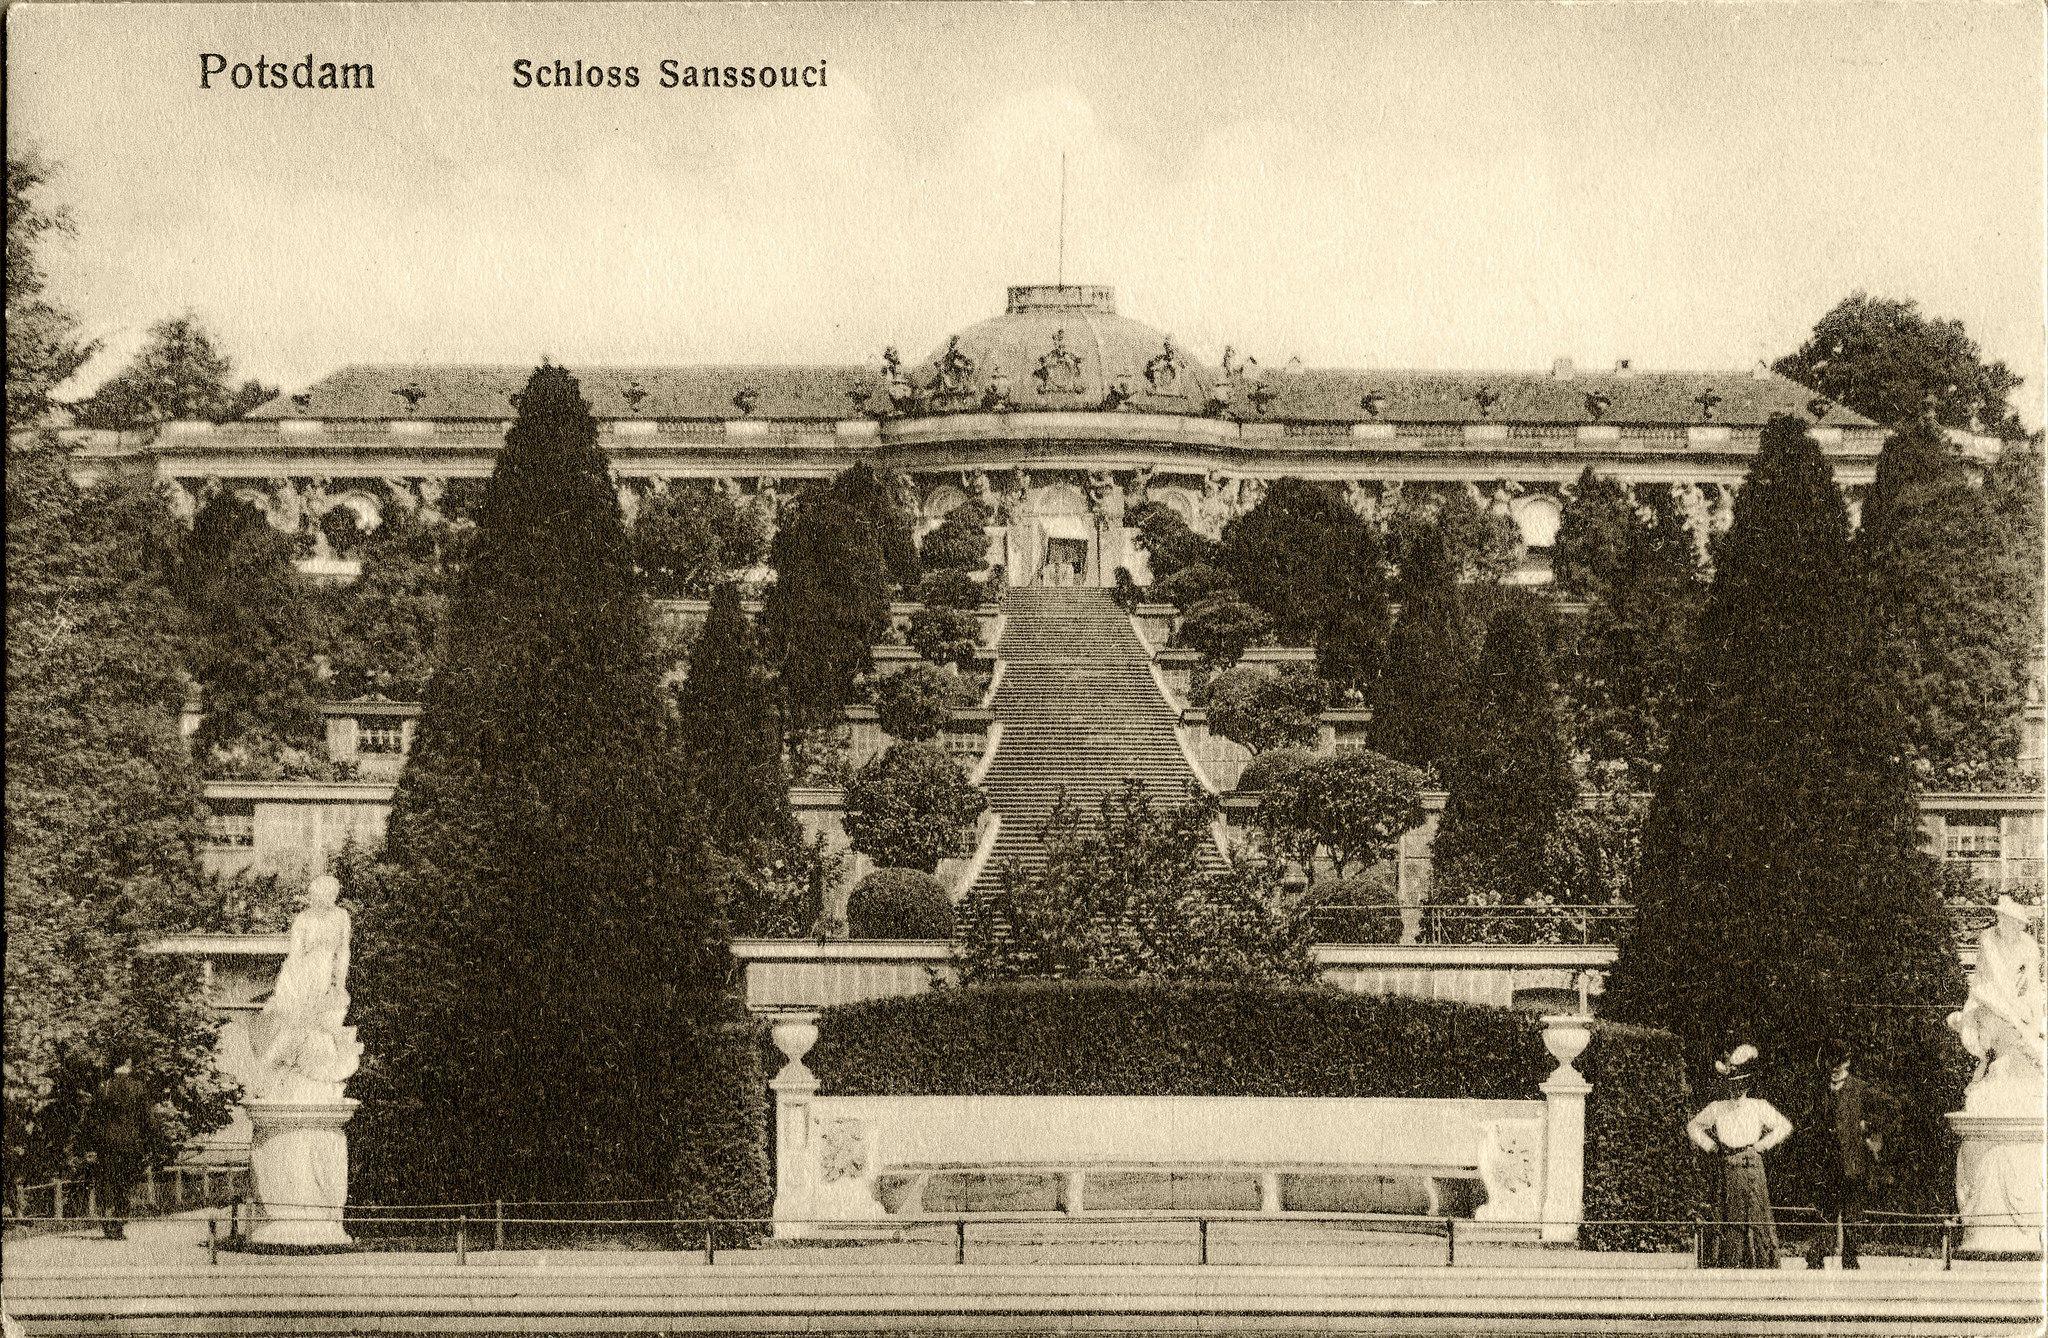 Potsdamer Gärten potsdam schloss sanssouci 1911